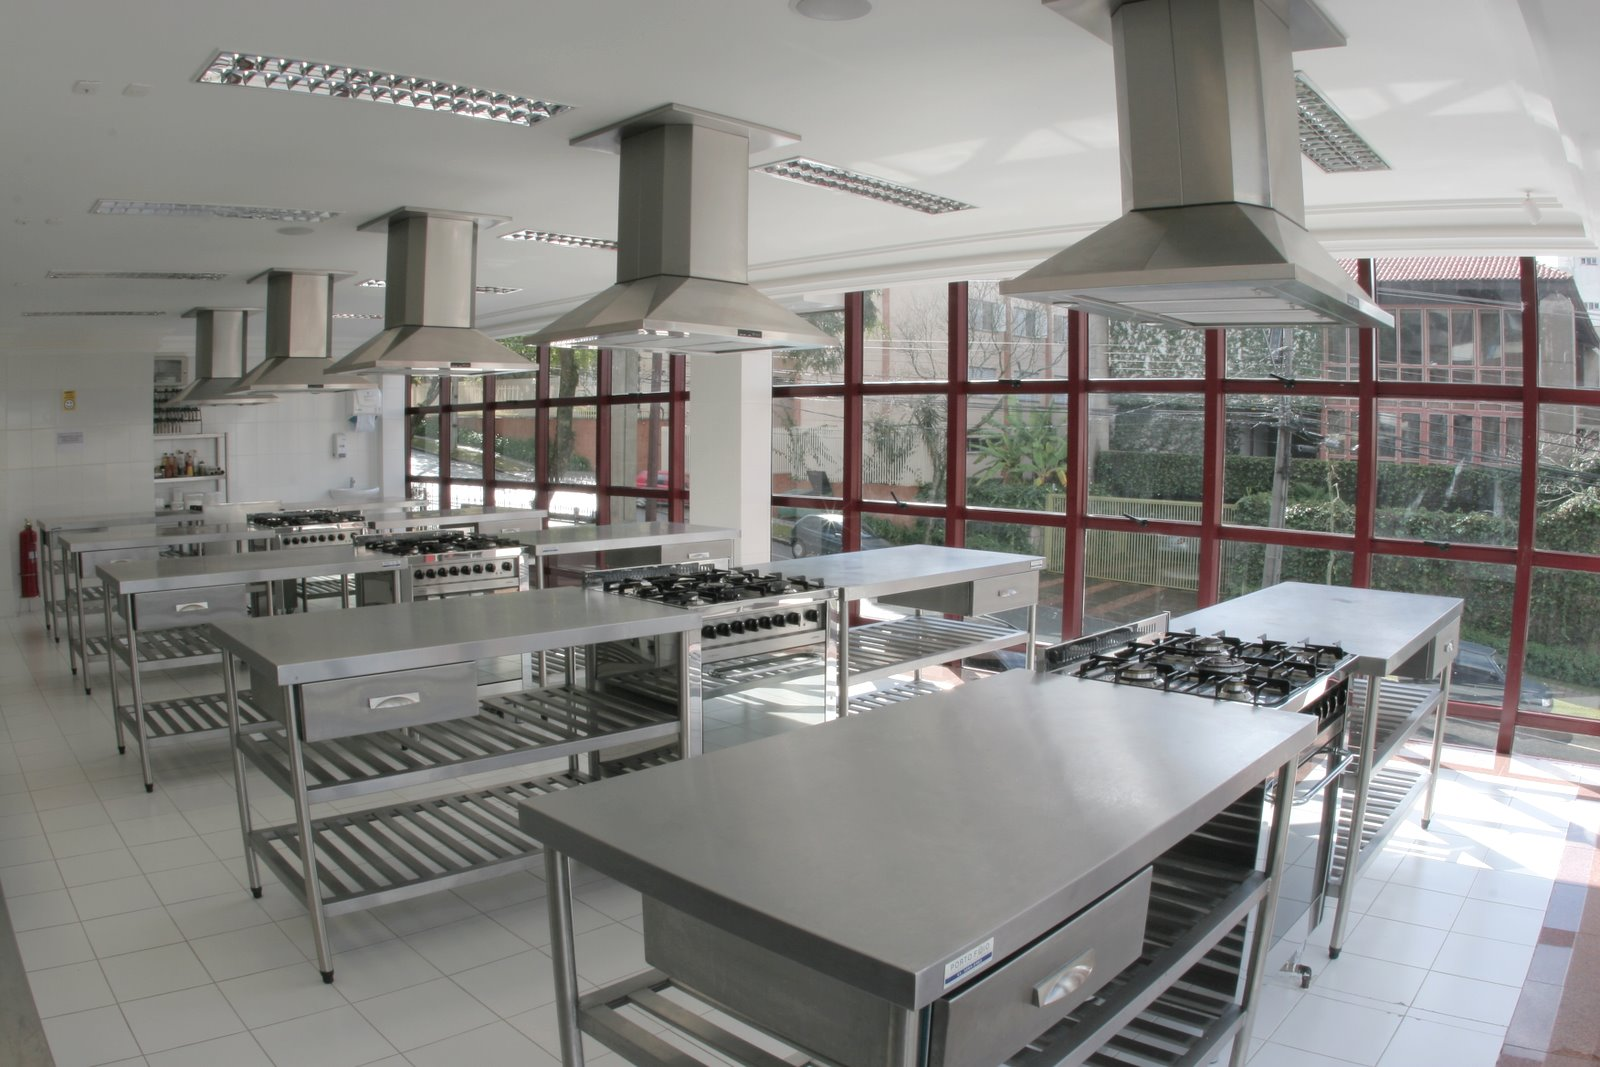 #624040 ACozinhaDeles: COMO DEVE SER ACOZINHADELES?! 1600x1067 px Projeto Para Montar Uma Cozinha Industrial_4963 Imagens